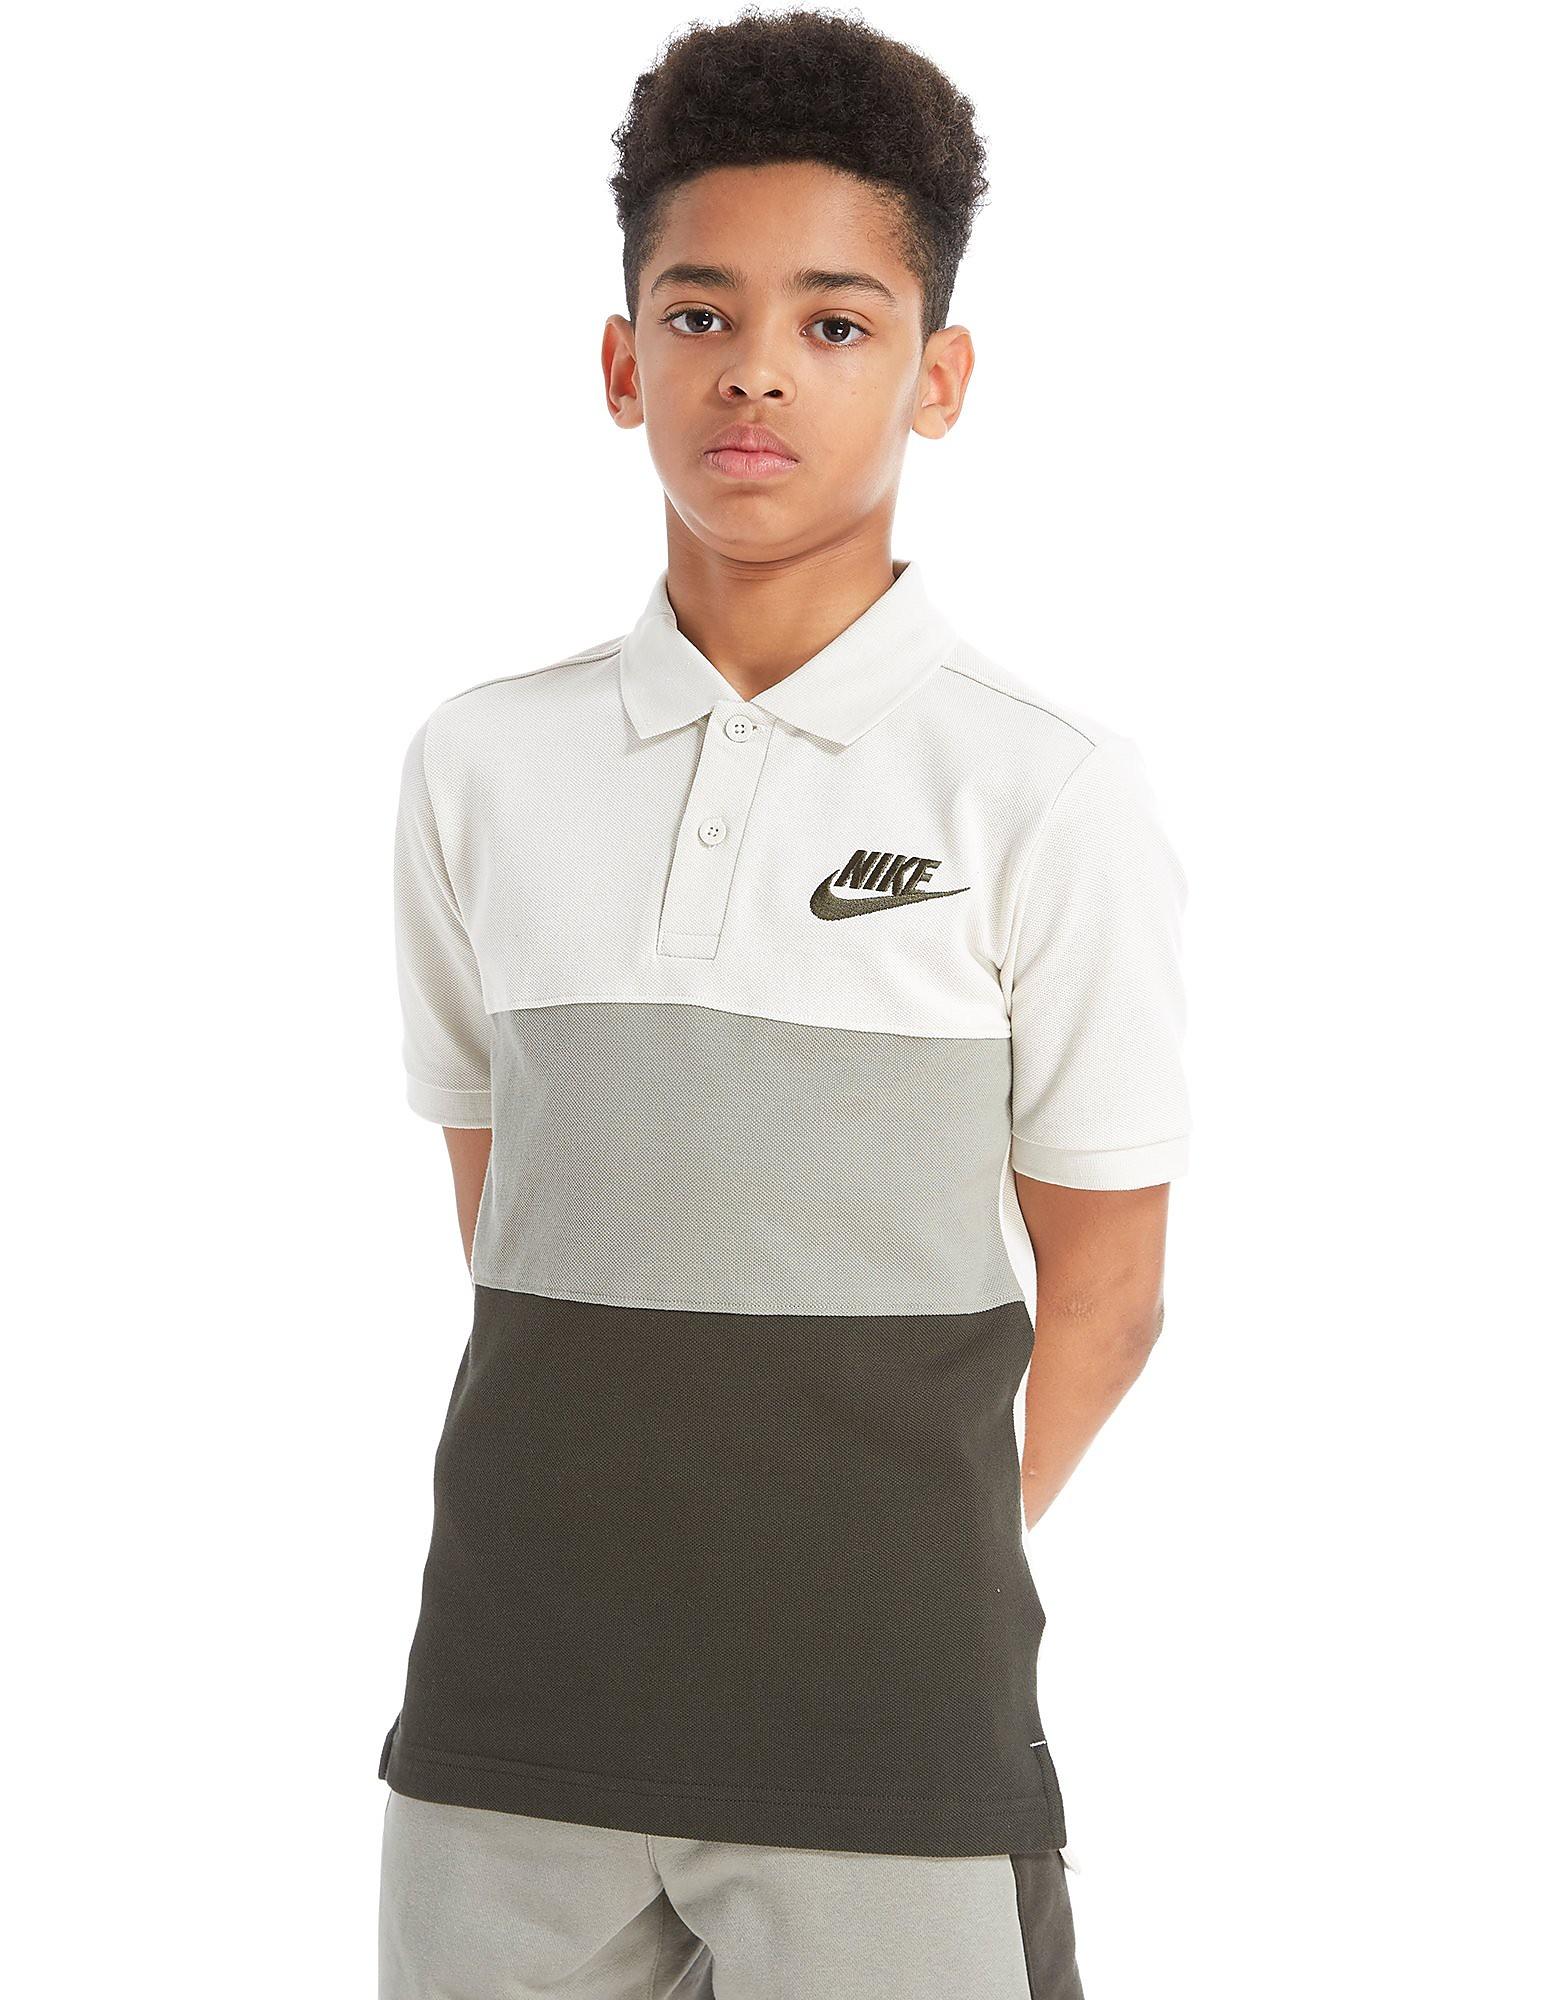 Nike Colourblock Polo Shirt Junior